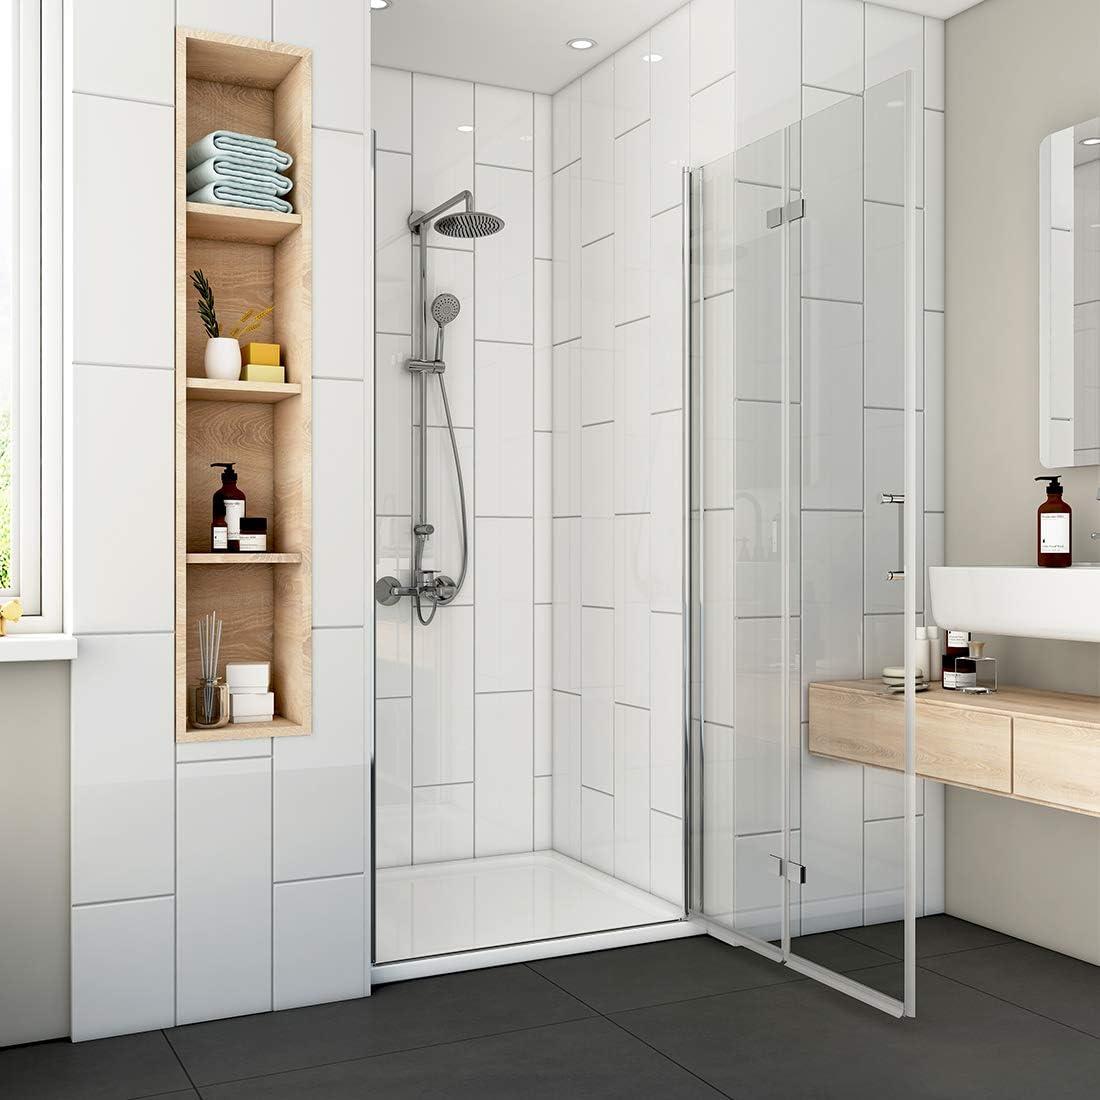 Cabina de ducha plegable, puerta de ducha, mampara de ducha, puerta oscilante de 180°, cristal de seguridad de 6 mm con nano-revestimiento a ambos lados hacia el interior y hacia el exterior: